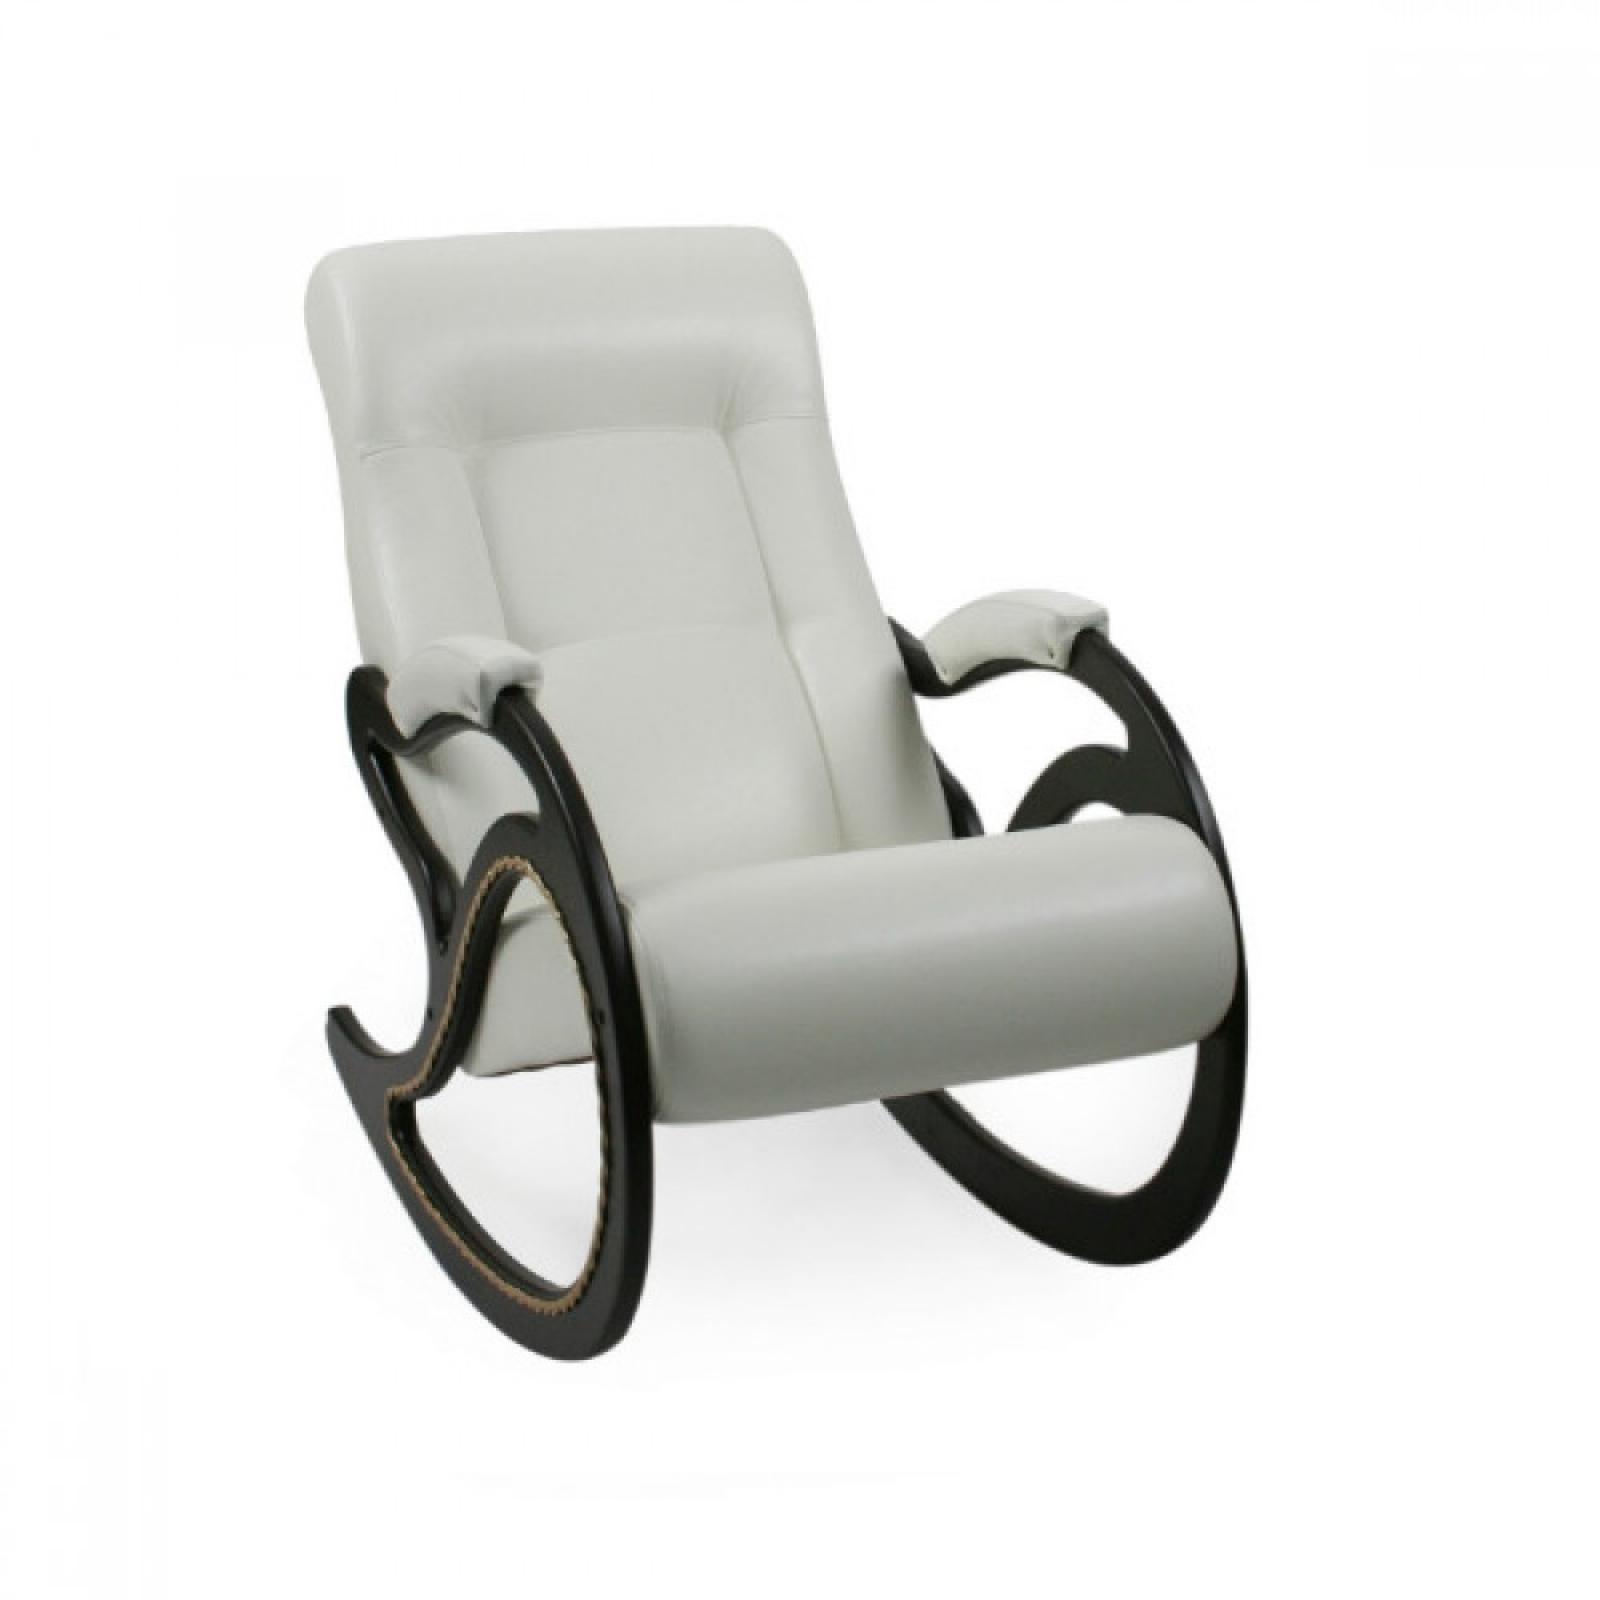 Кресло-качалка, Модель 7 Венге/Манго 002 - 1